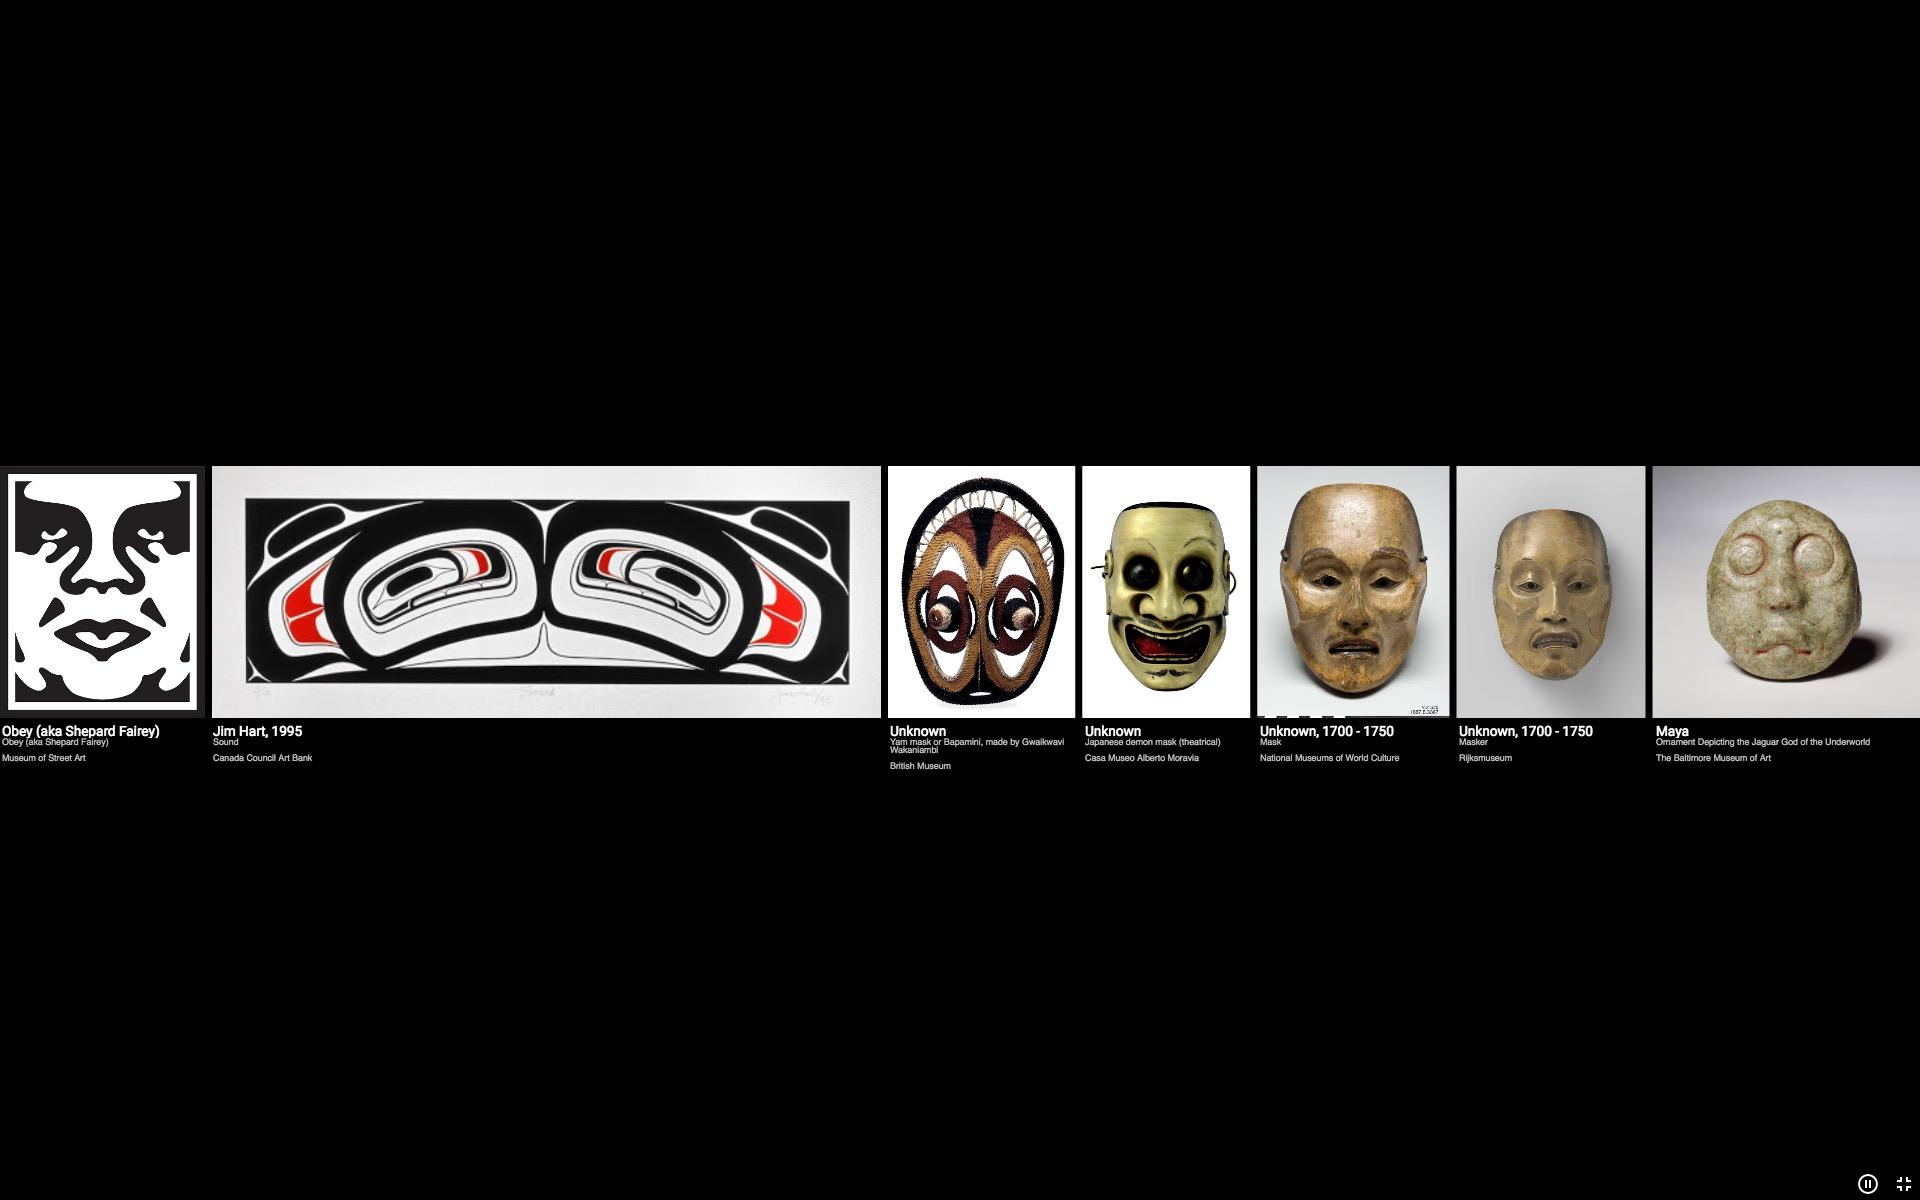 Da Shepard Fairey indietro fino a una maschera maya dedicata al potentissimo dio giaguaro